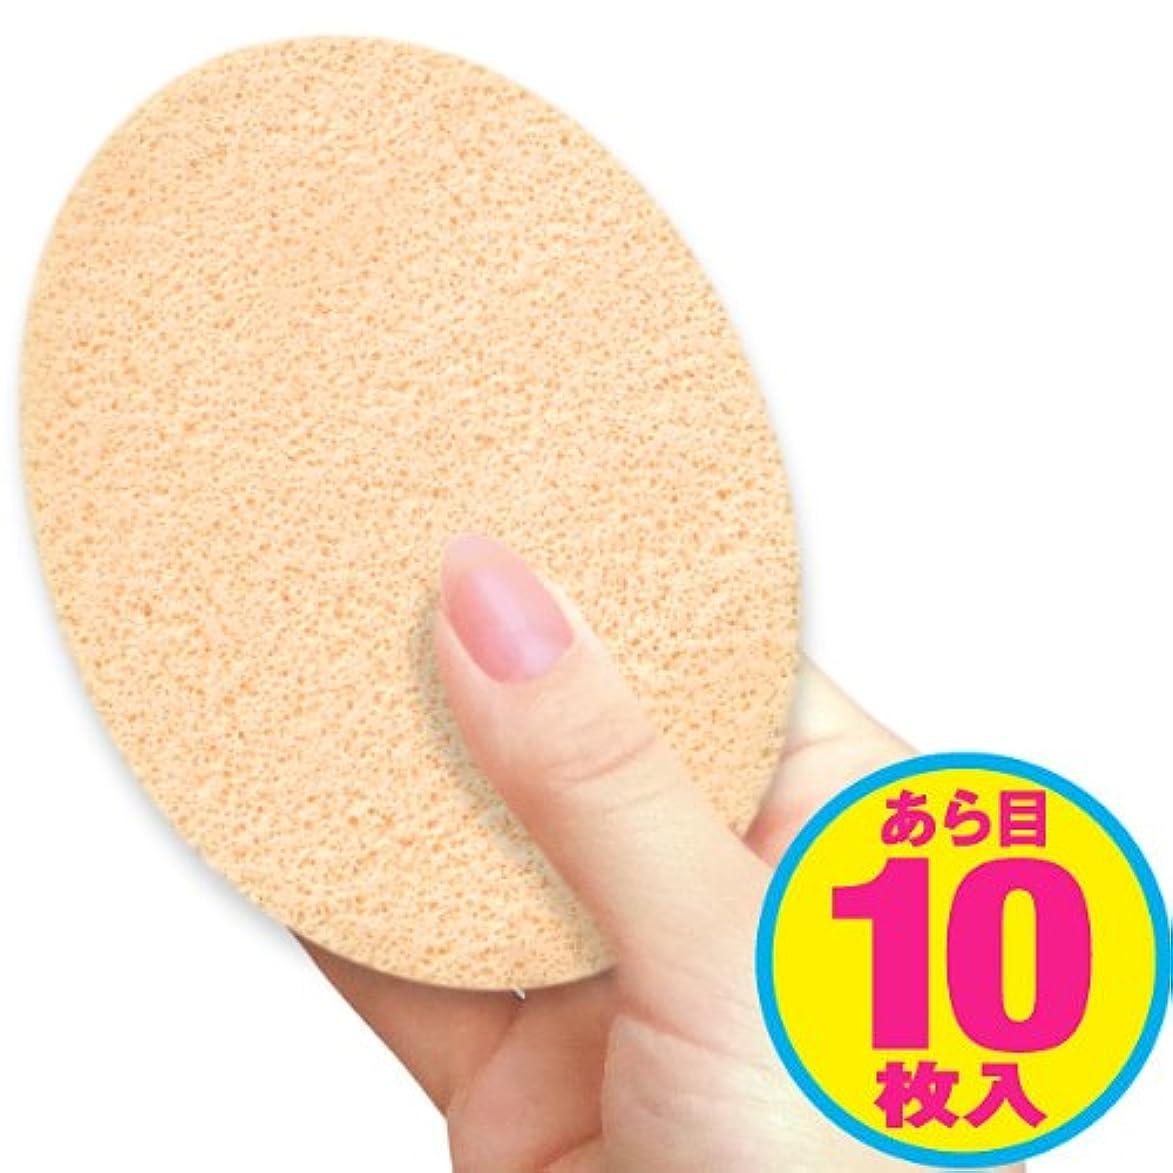 フェイシャル スポンジ 【粗目/エステプロ仕様】 10枚入(クレンジング?拭き取り用)